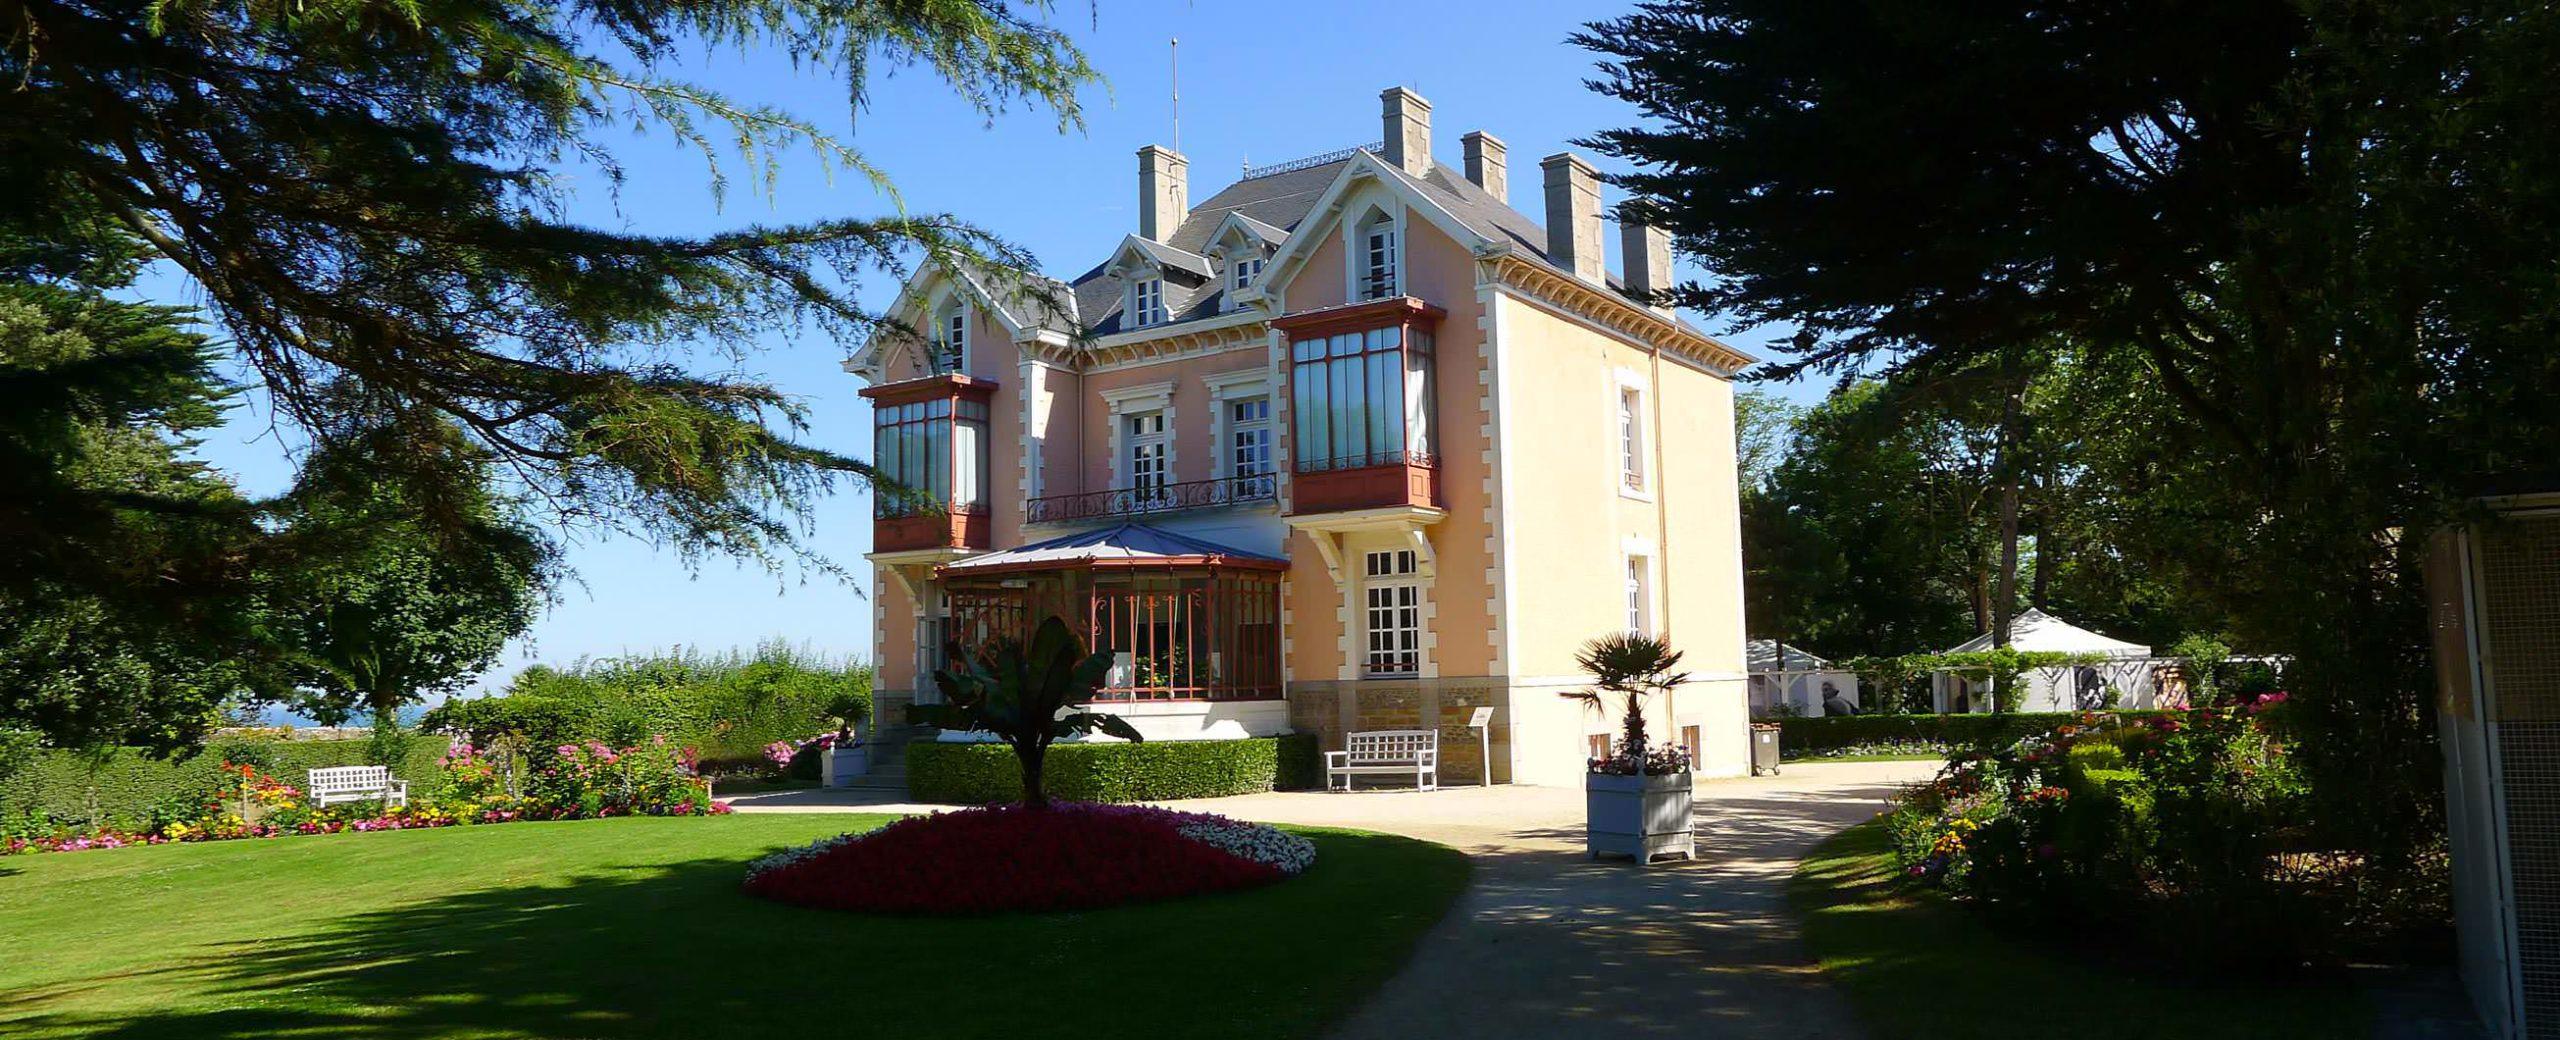 Maison et musée Christian dior à Granville en Normandie